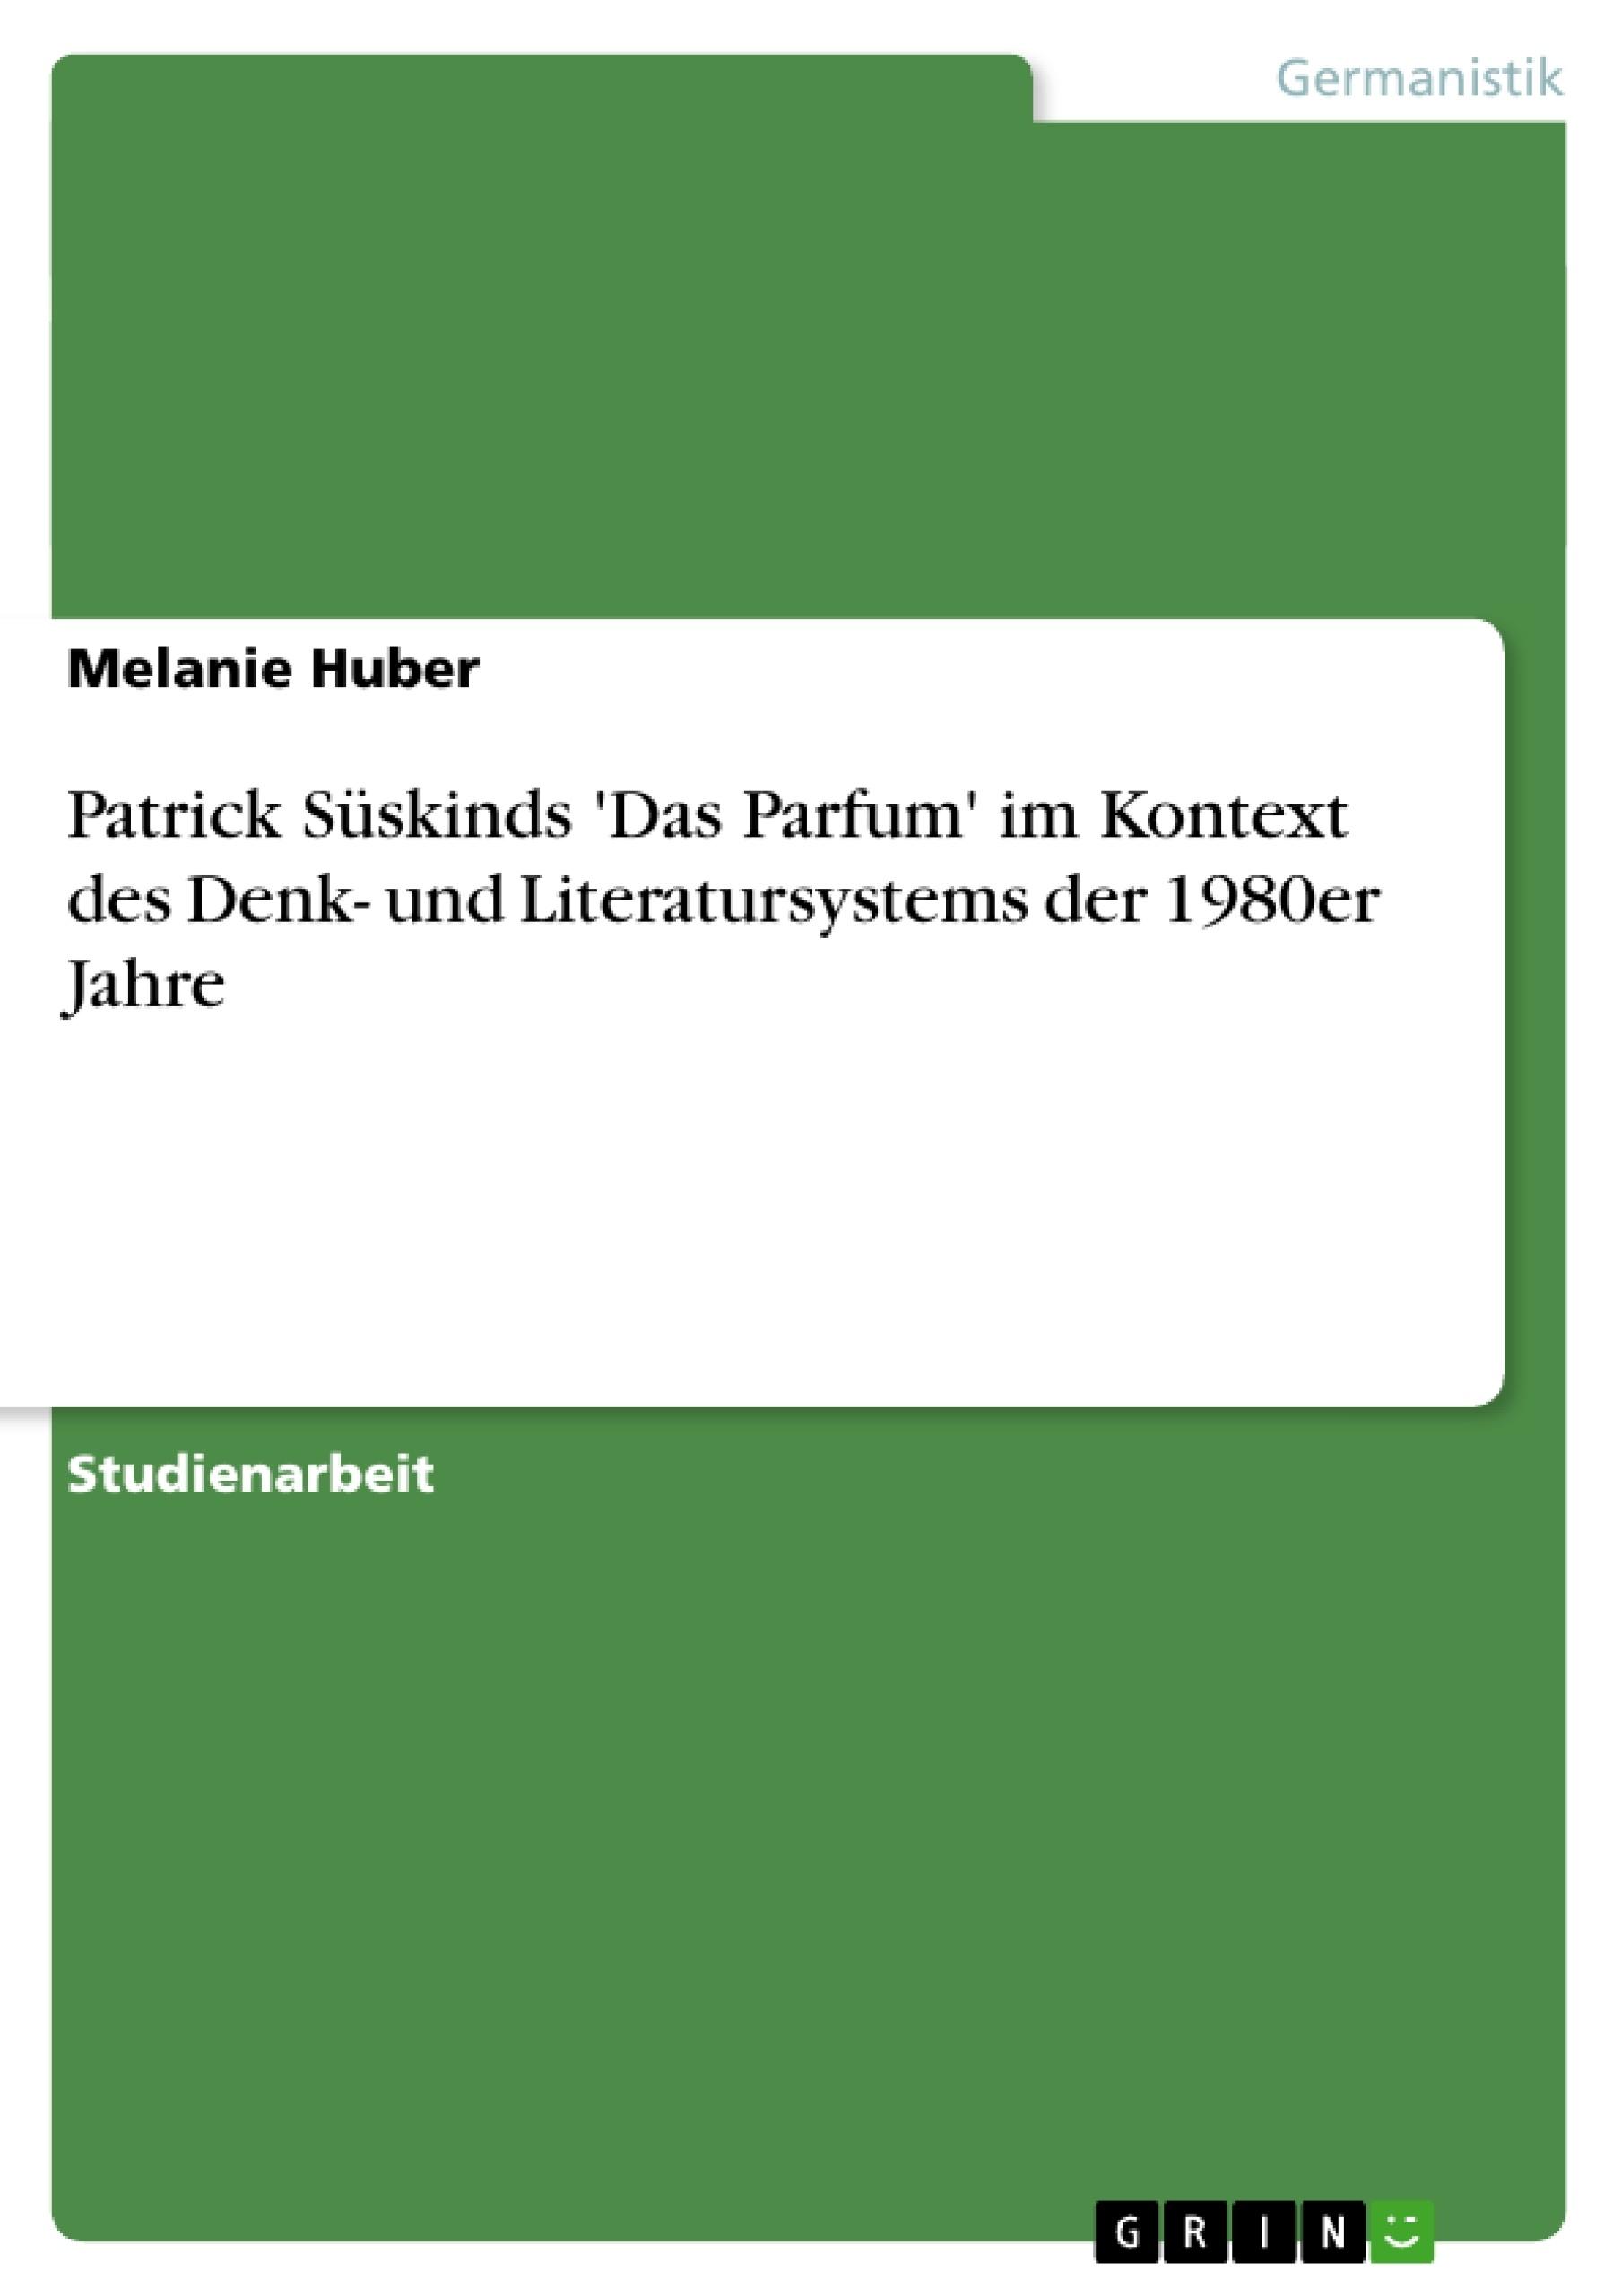 Titel: Patrick Süskinds 'Das Parfum' im Kontext des Denk- und Literatursystems der 1980er Jahre